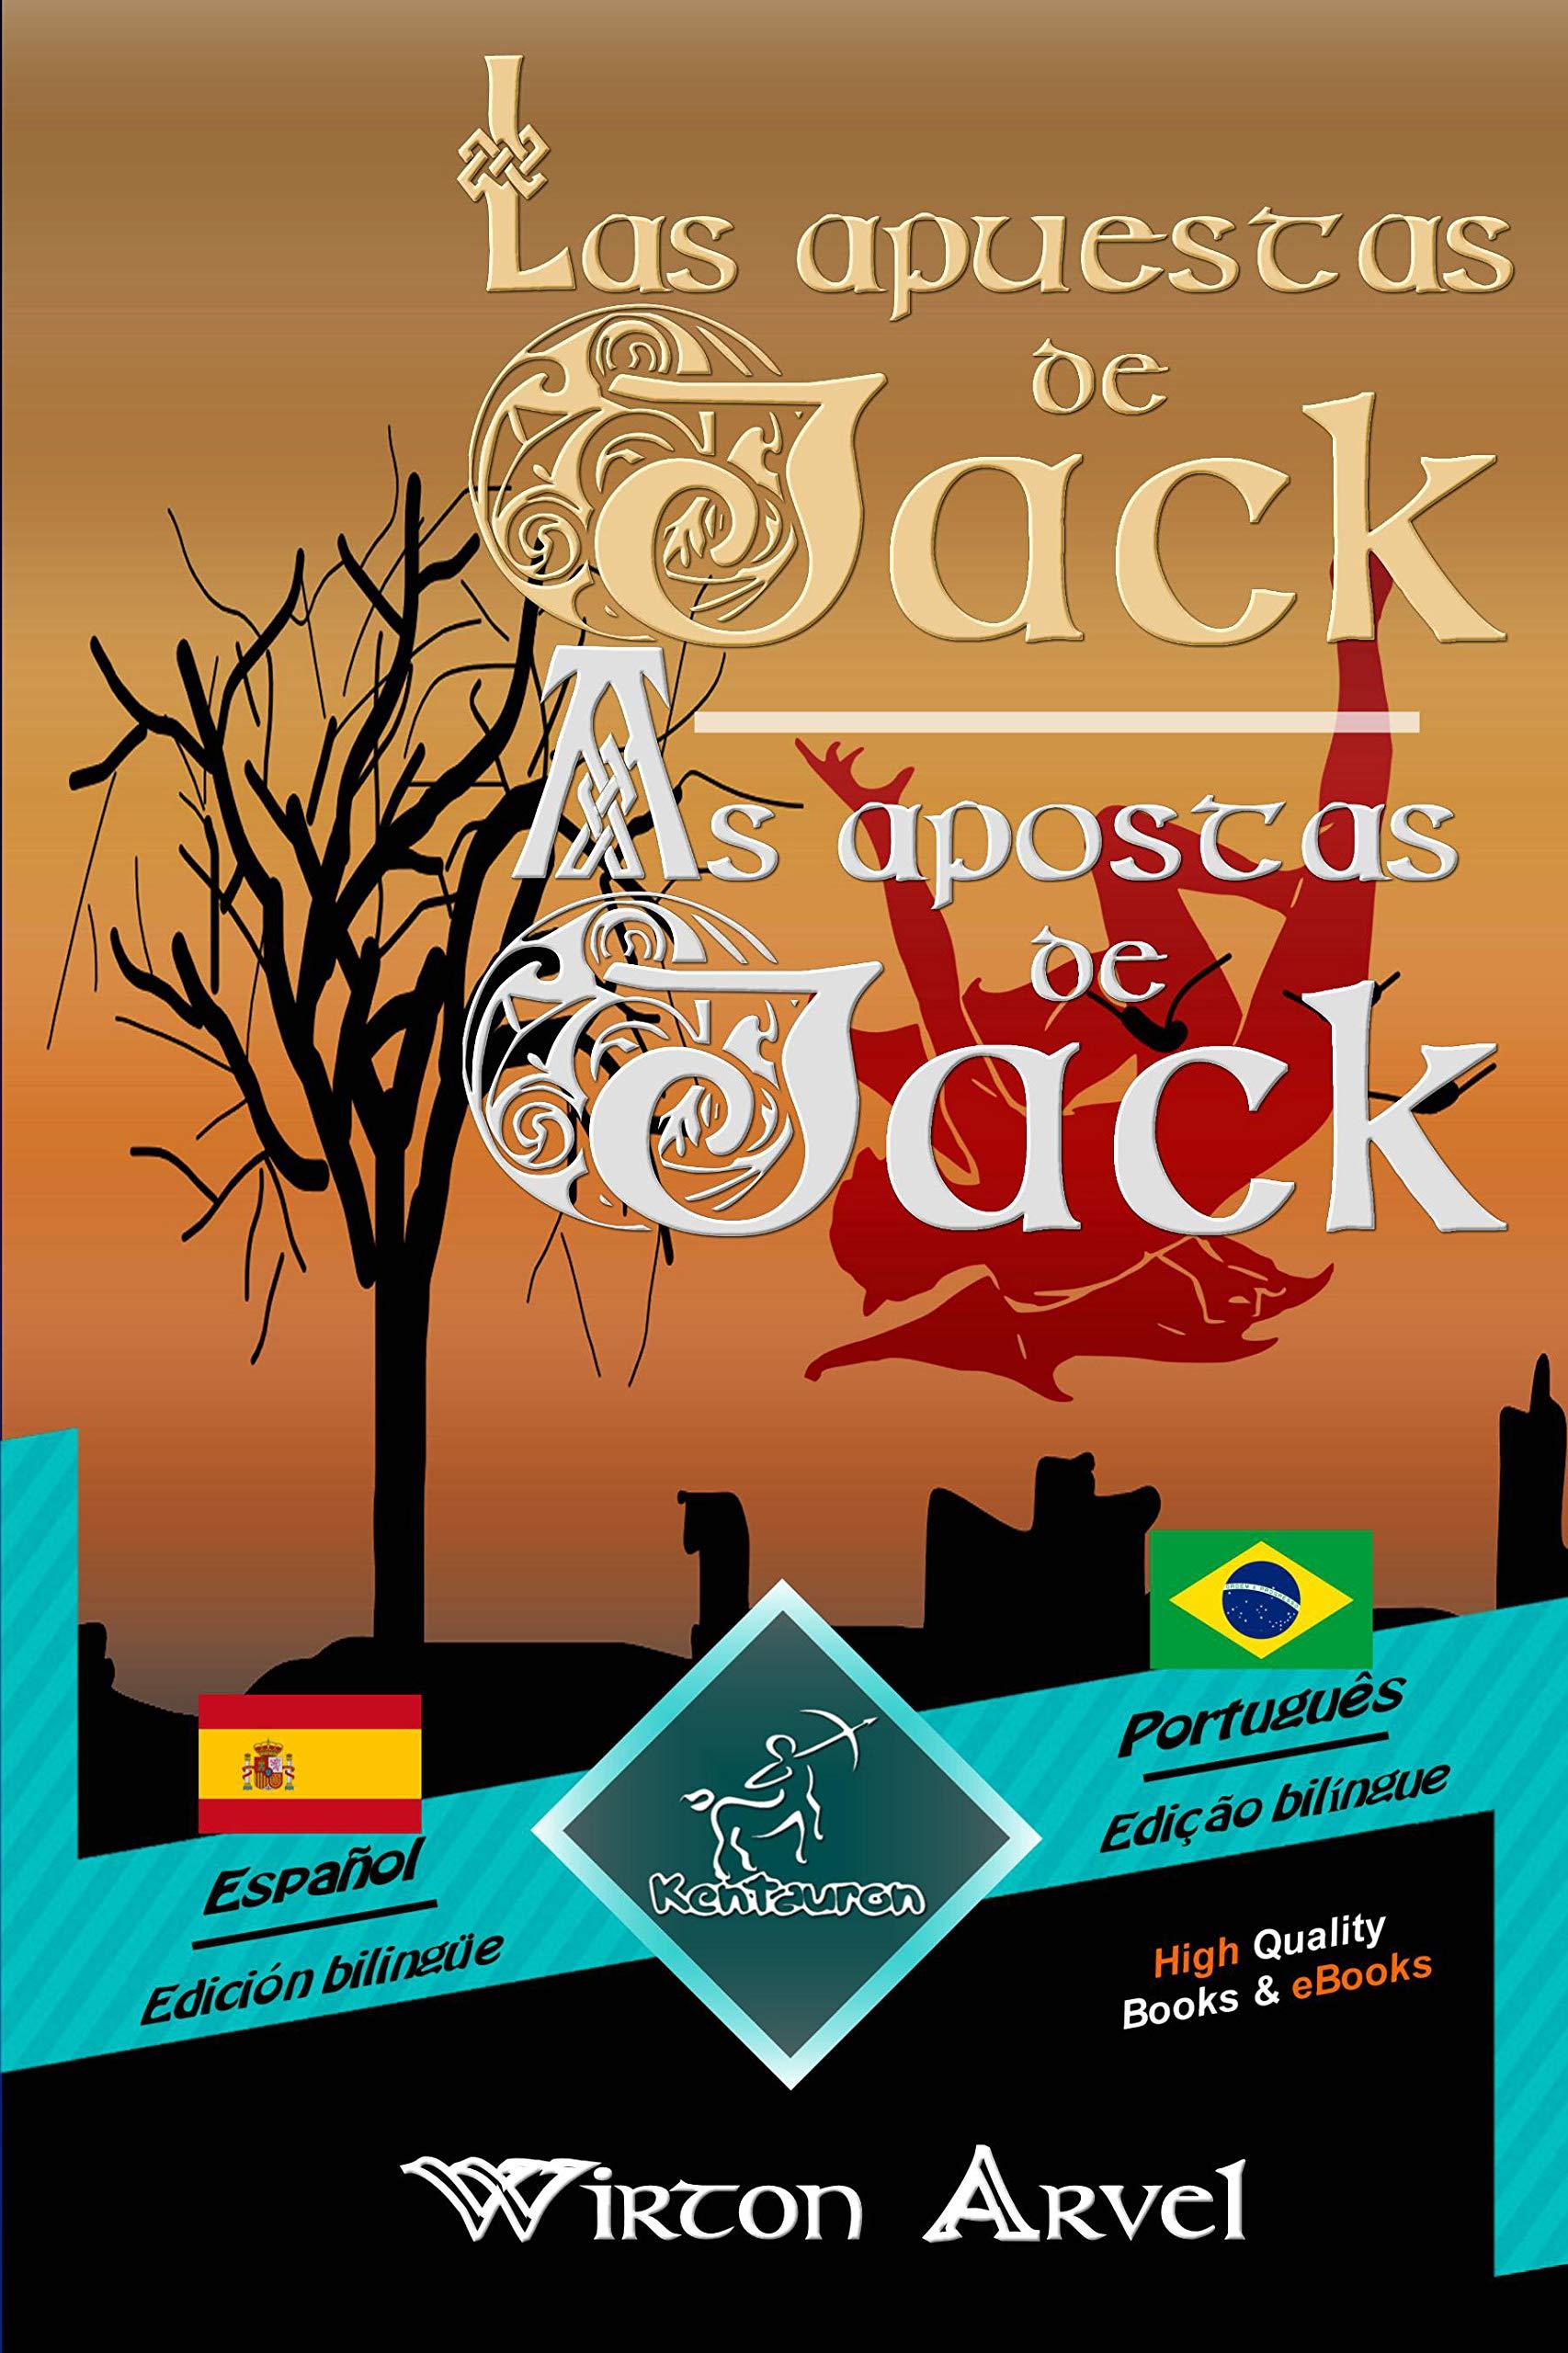 Las apuestas de Jack (Un cuento celta) - As apostas de Jack (Um conto celta): Textos bilingües en paralelo - Texto bilíngue em paralelo: Español - Portugués ... (Dual Language Easy Reader nº 92)